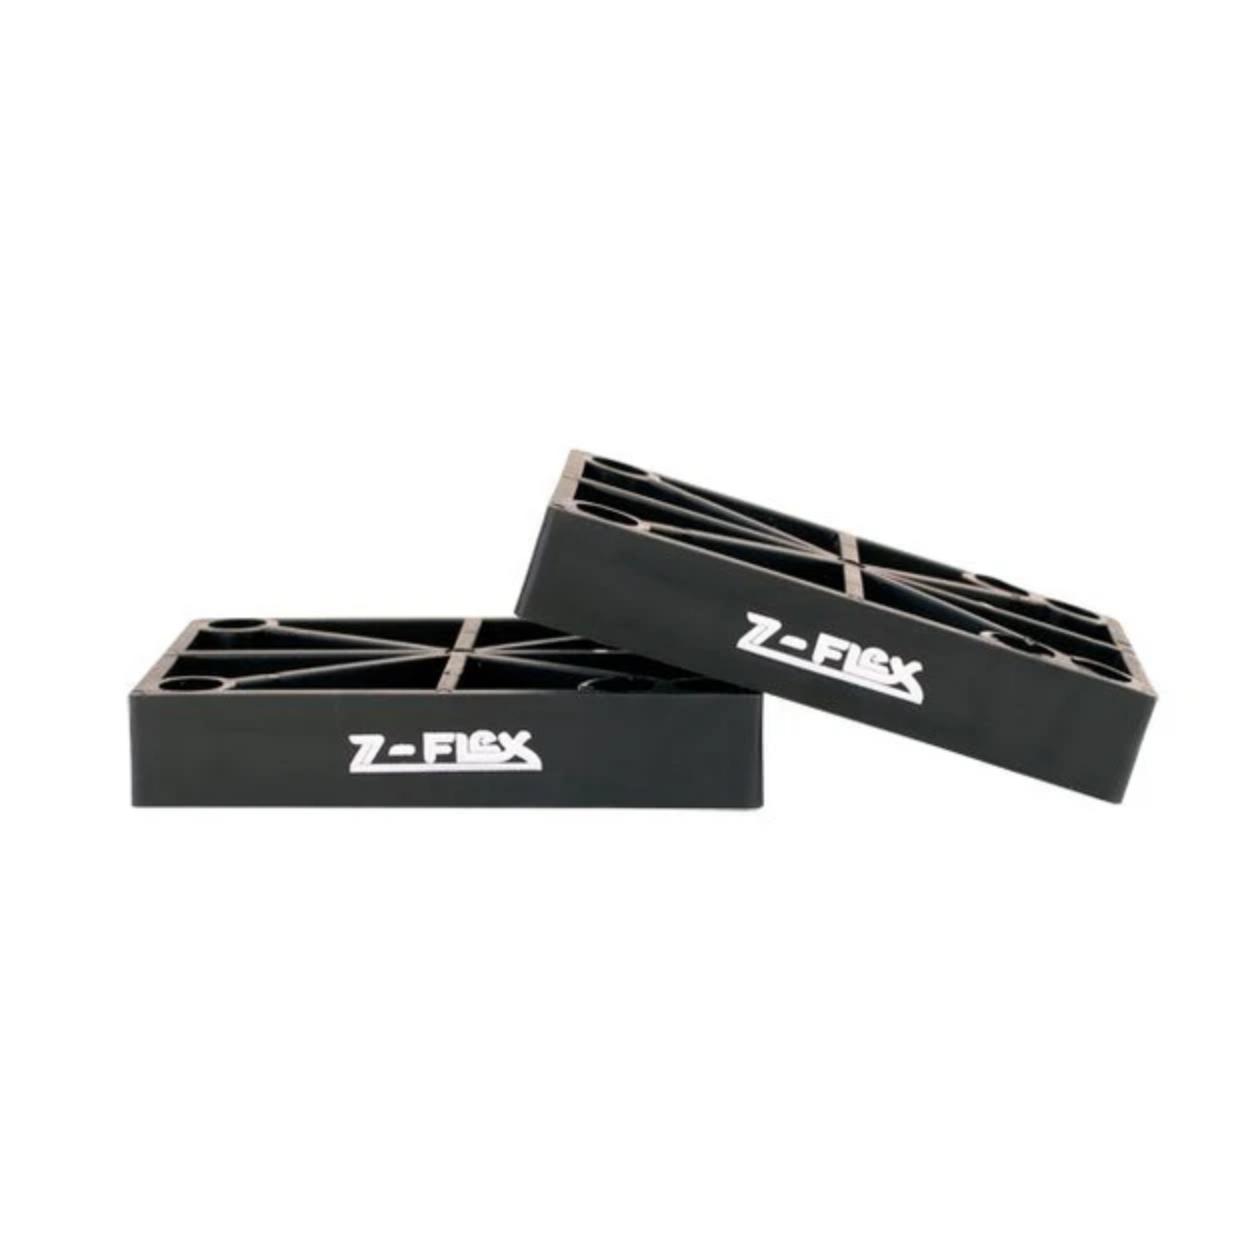 Z Flex Z-Flex Riser set 14mm